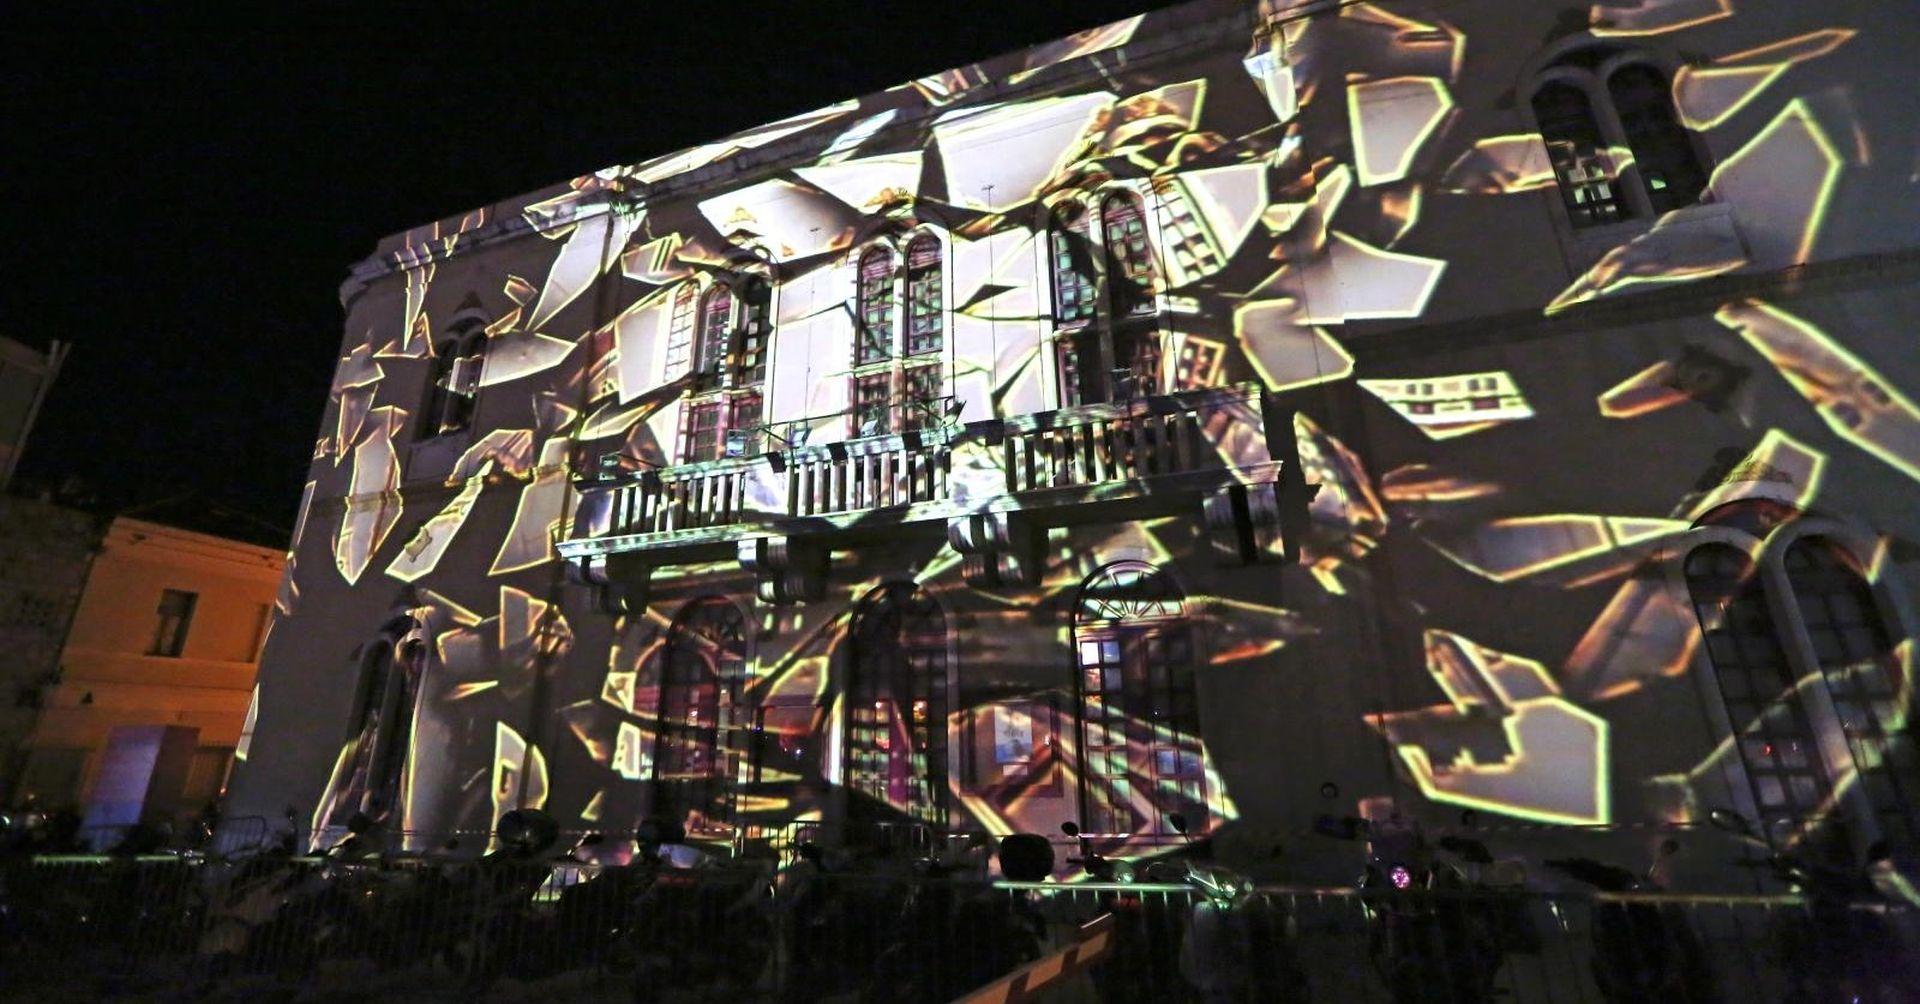 FOTO: Svjetlosnim instalacijama otvoren Changer festival